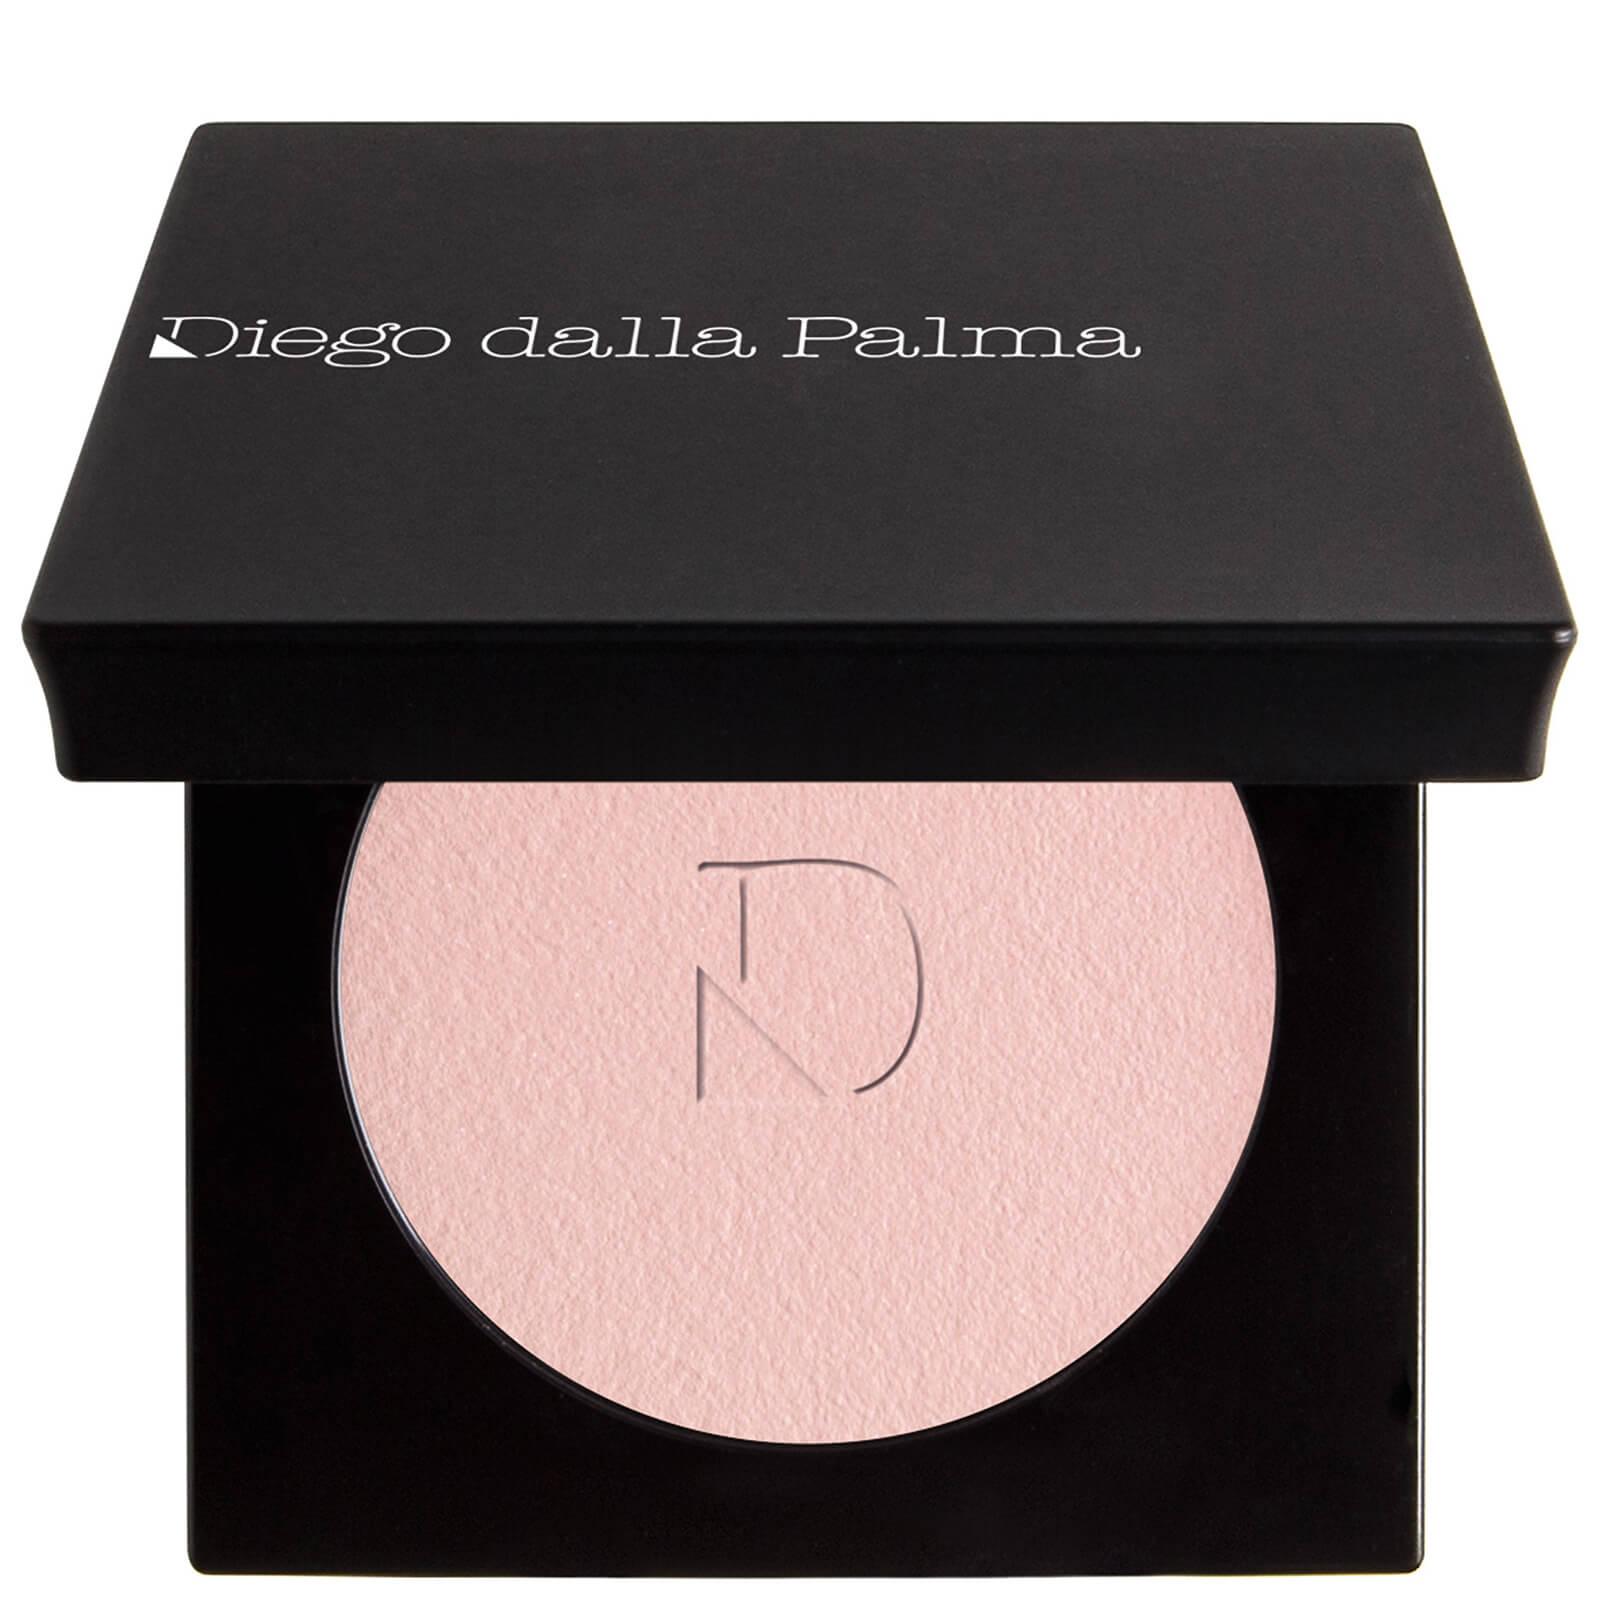 Купить Матовые тени для век diego dalla palma Makeupstudio Matt Eyeshadow 3 г (различные оттенки) - Pale Pink